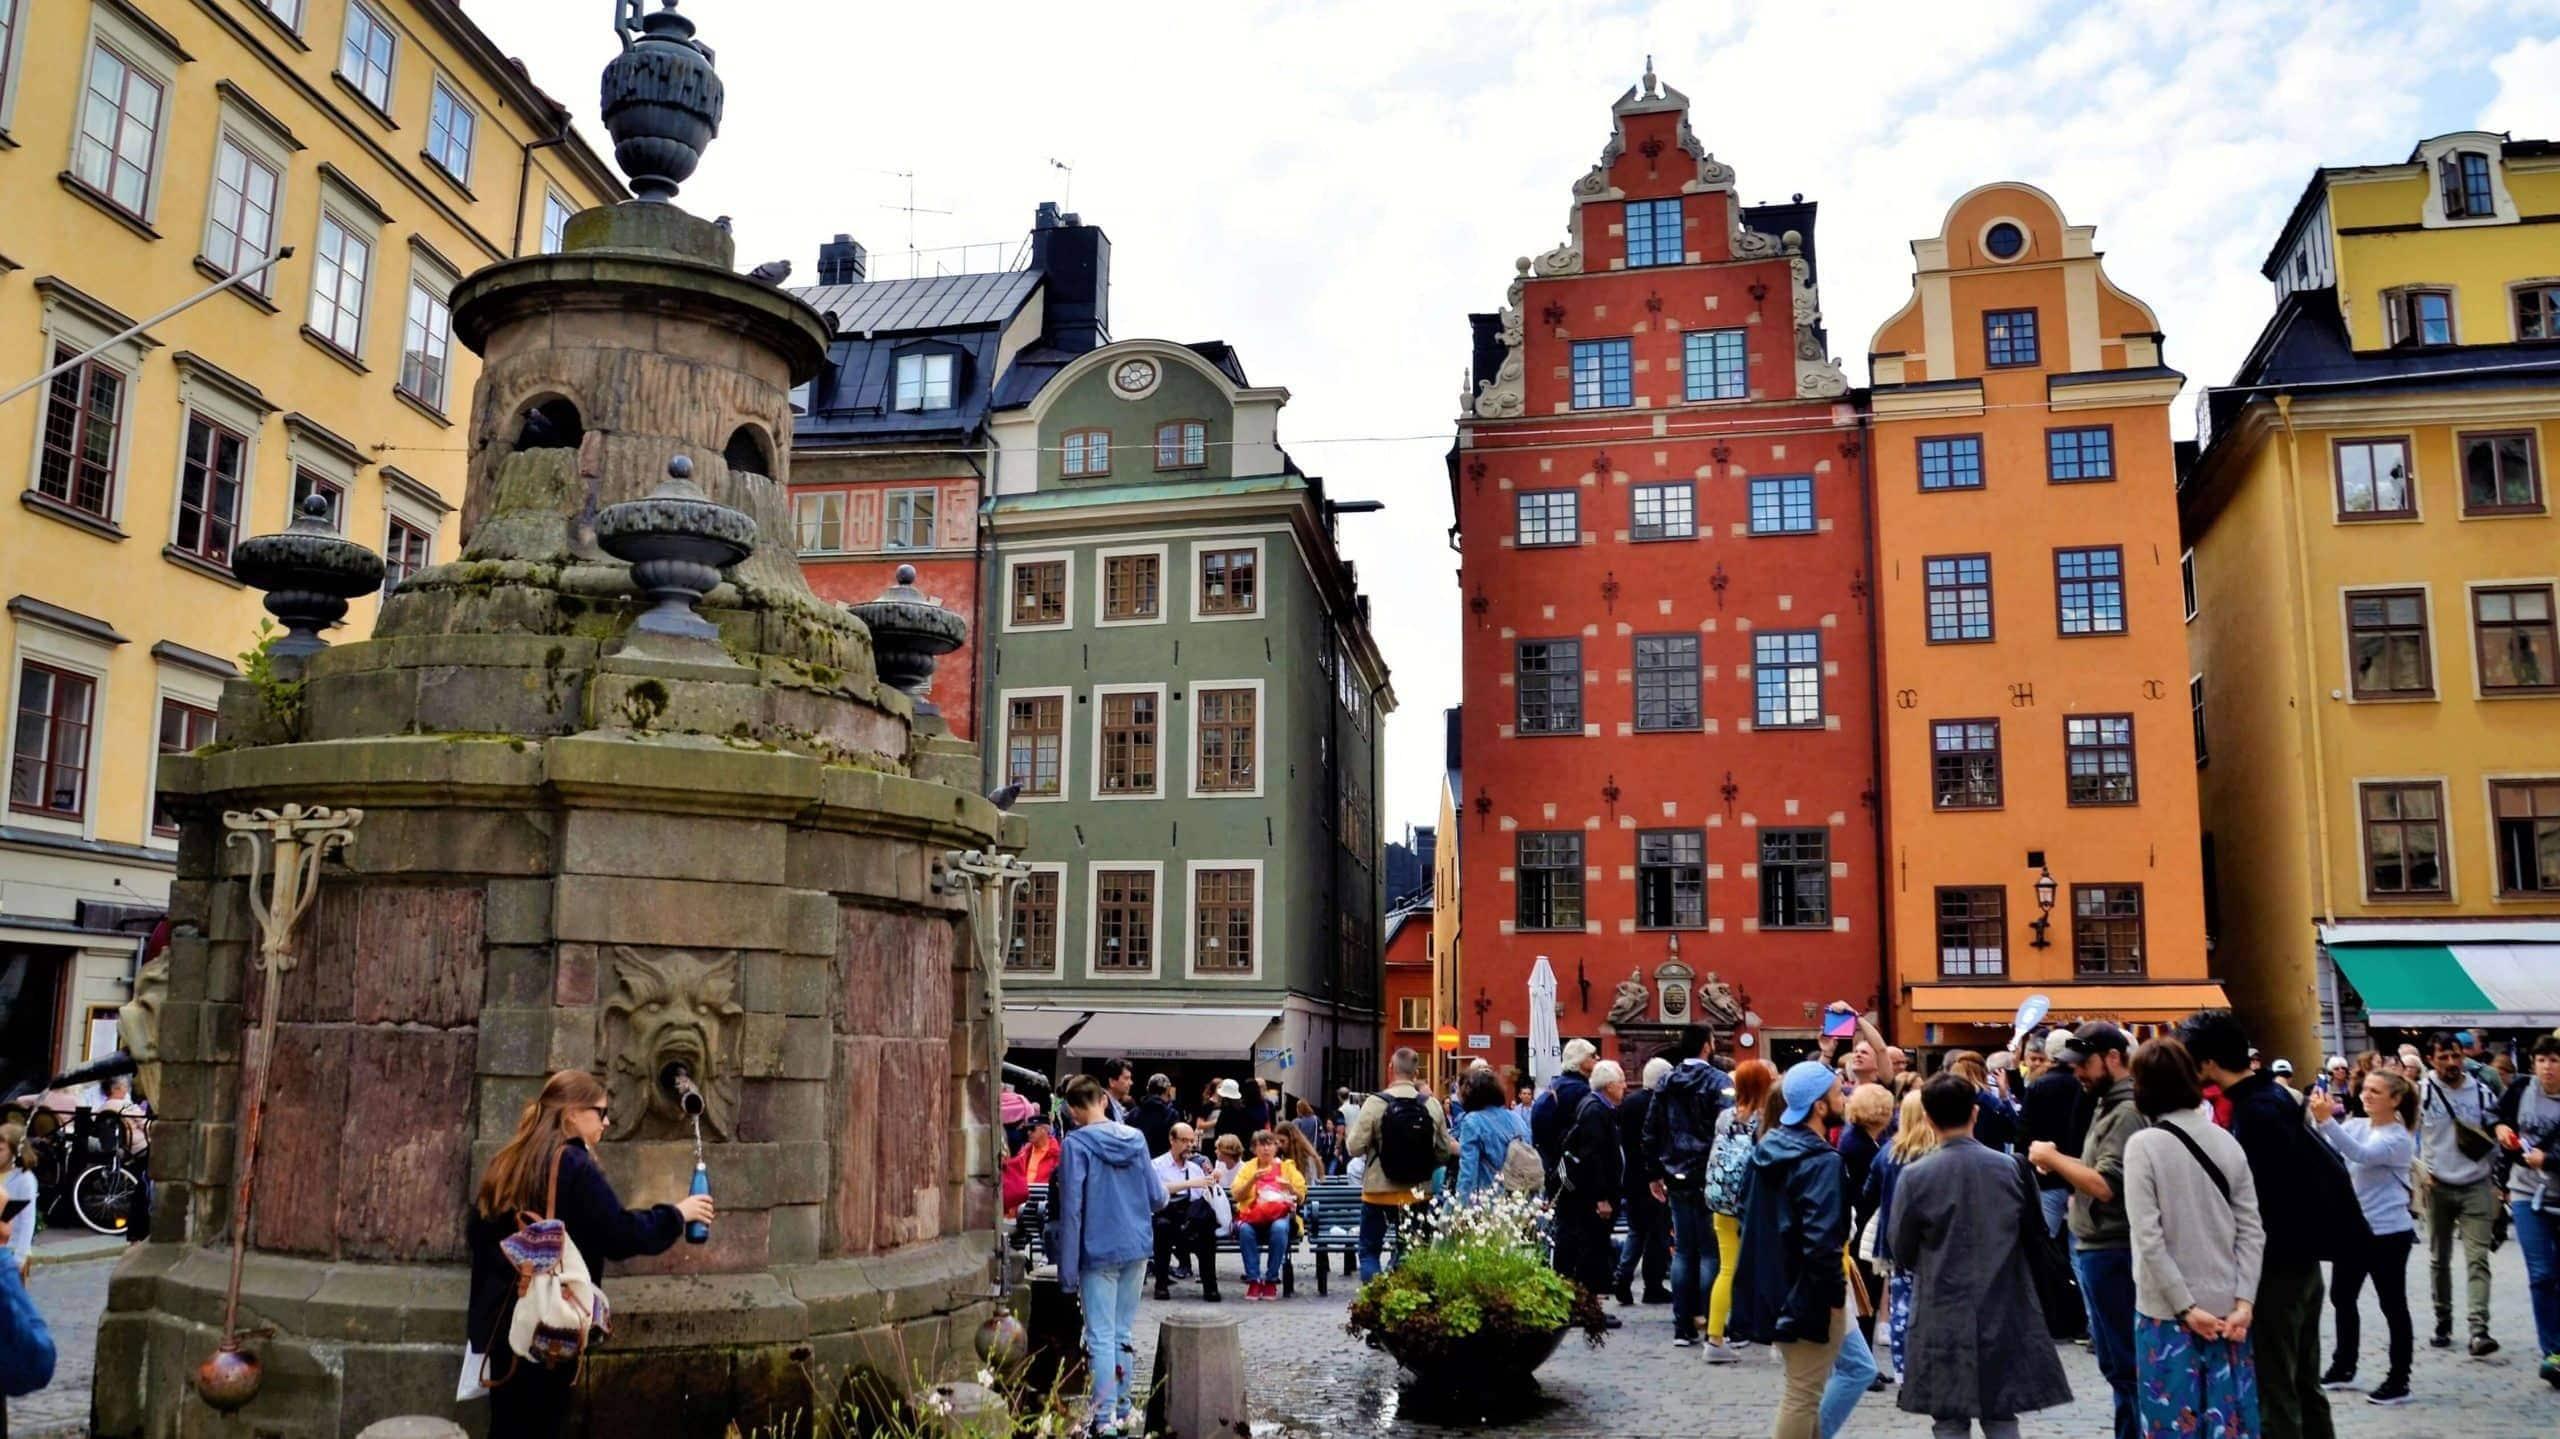 Marktplatz Stortorget